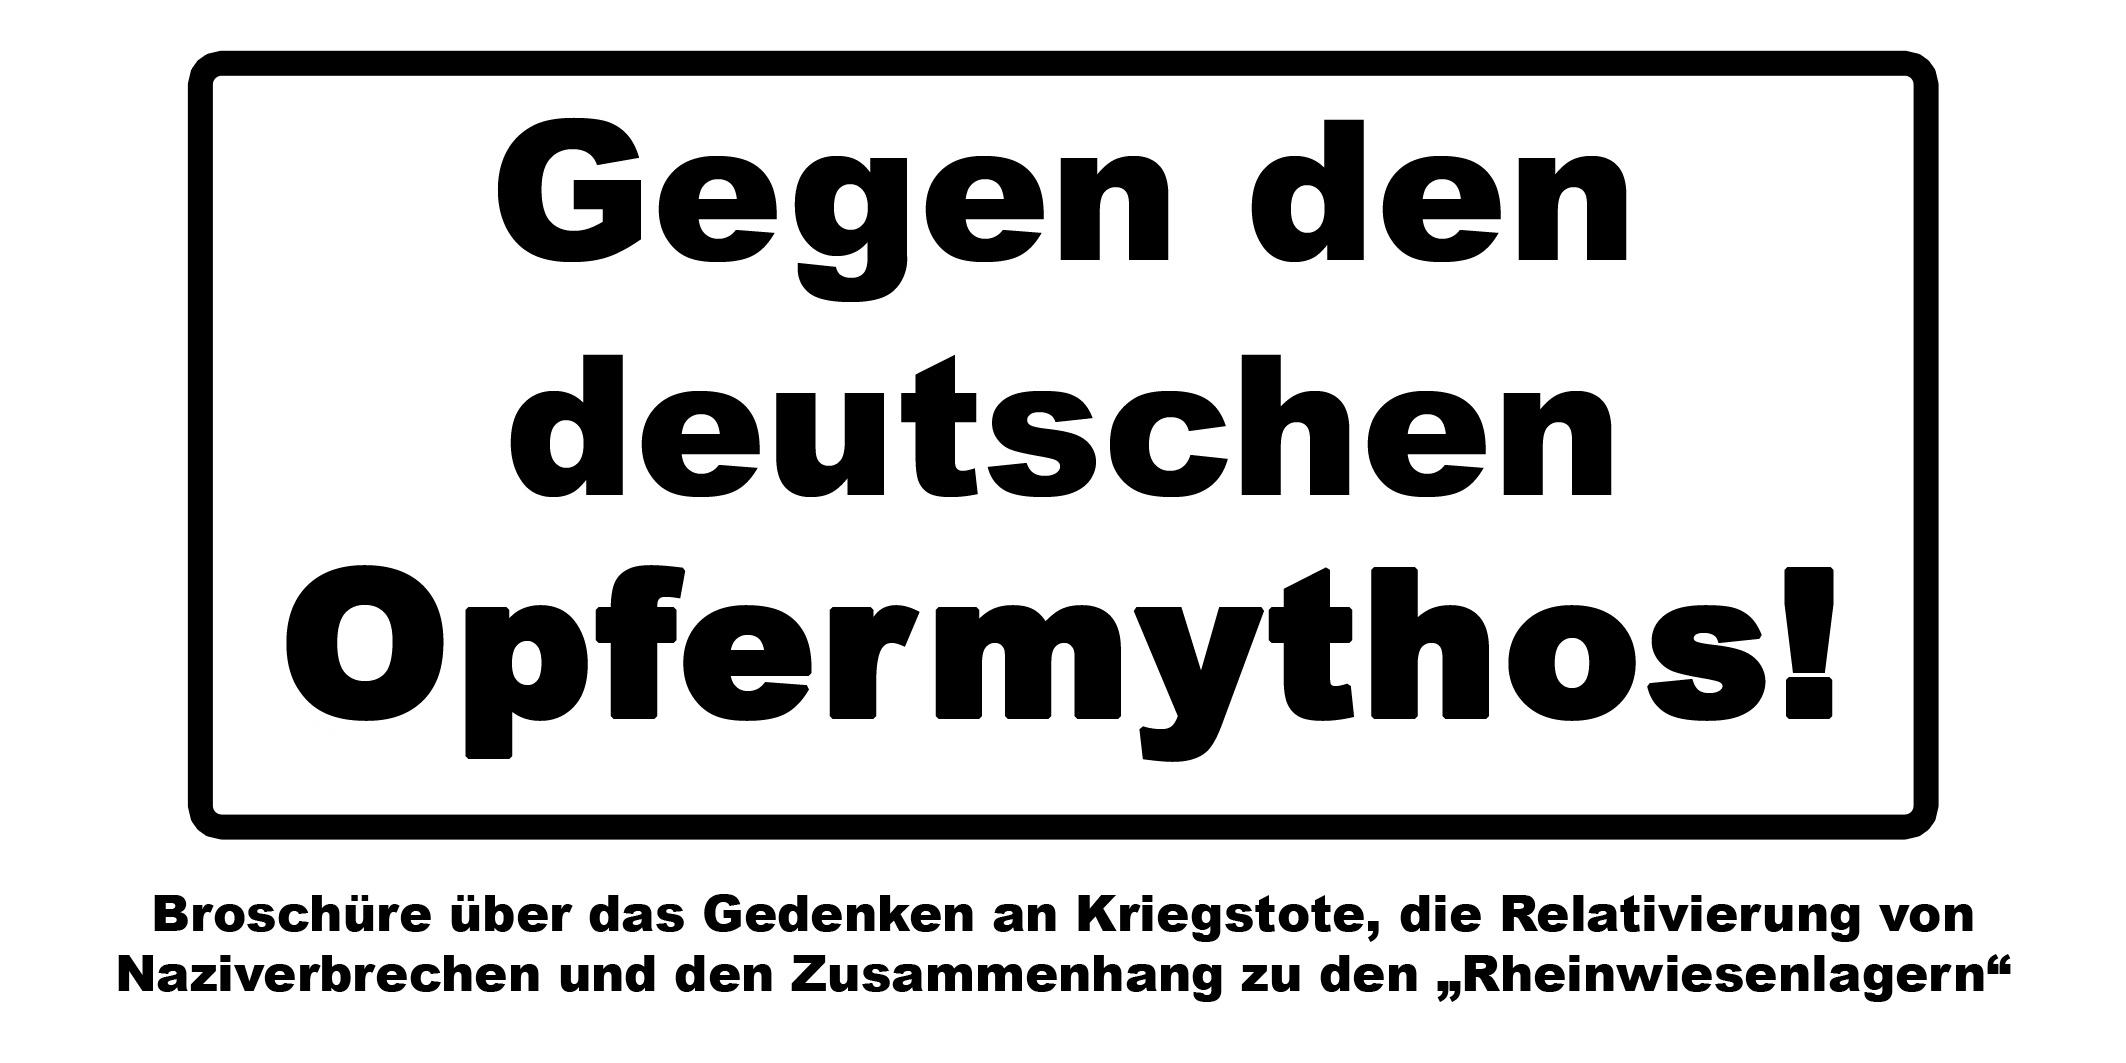 Broschüre: Gegen den deutschen Opfermythos!